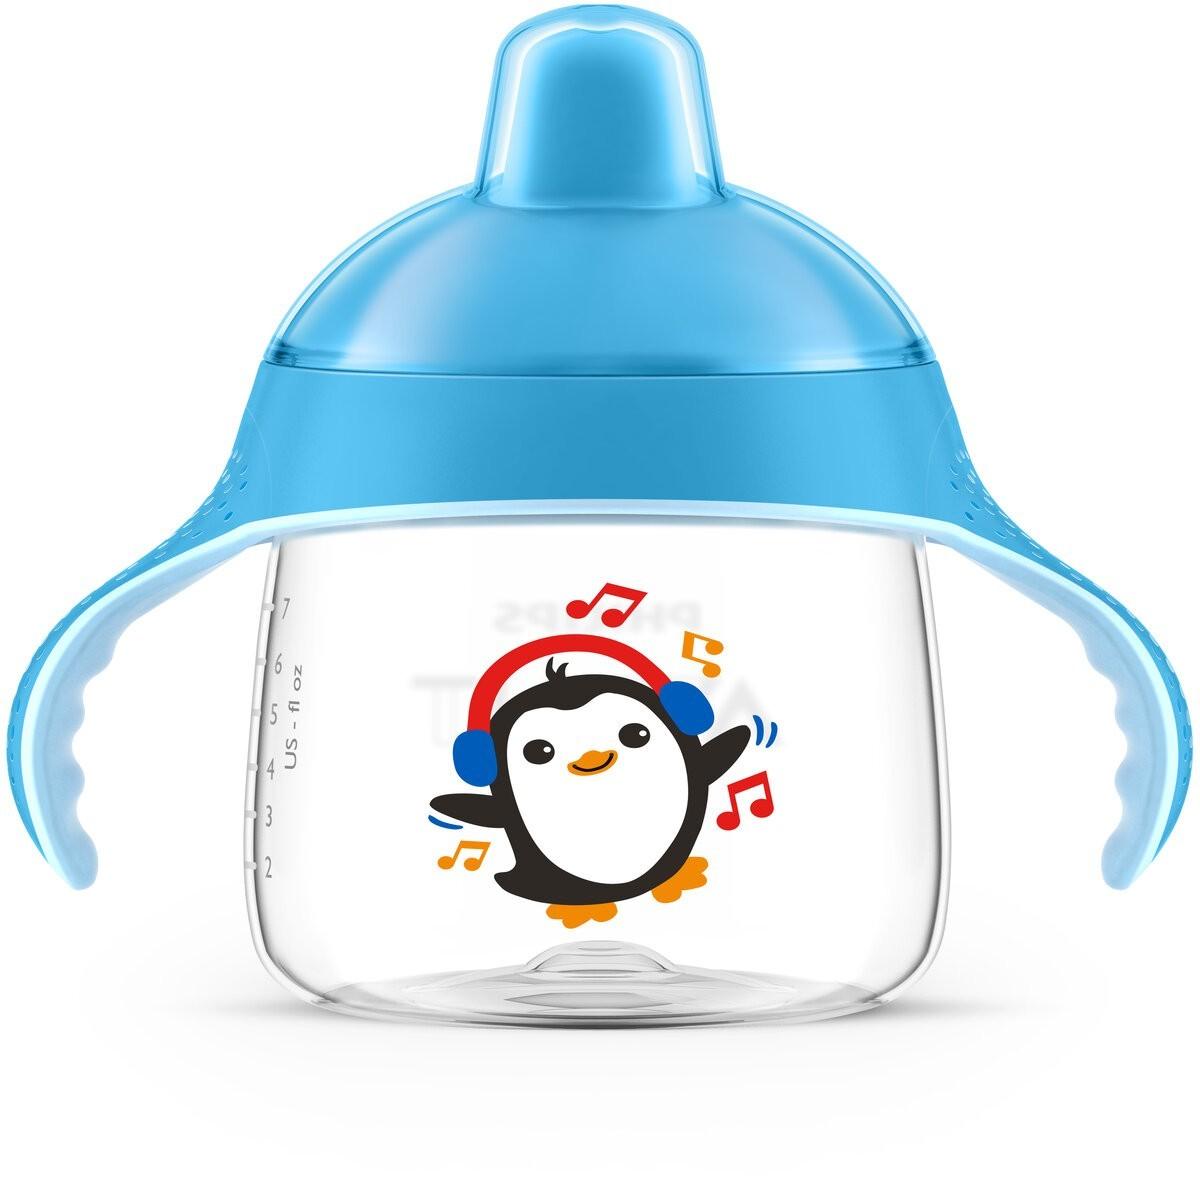 Copo Pinguim 260ml +12m Azul Philips Avent